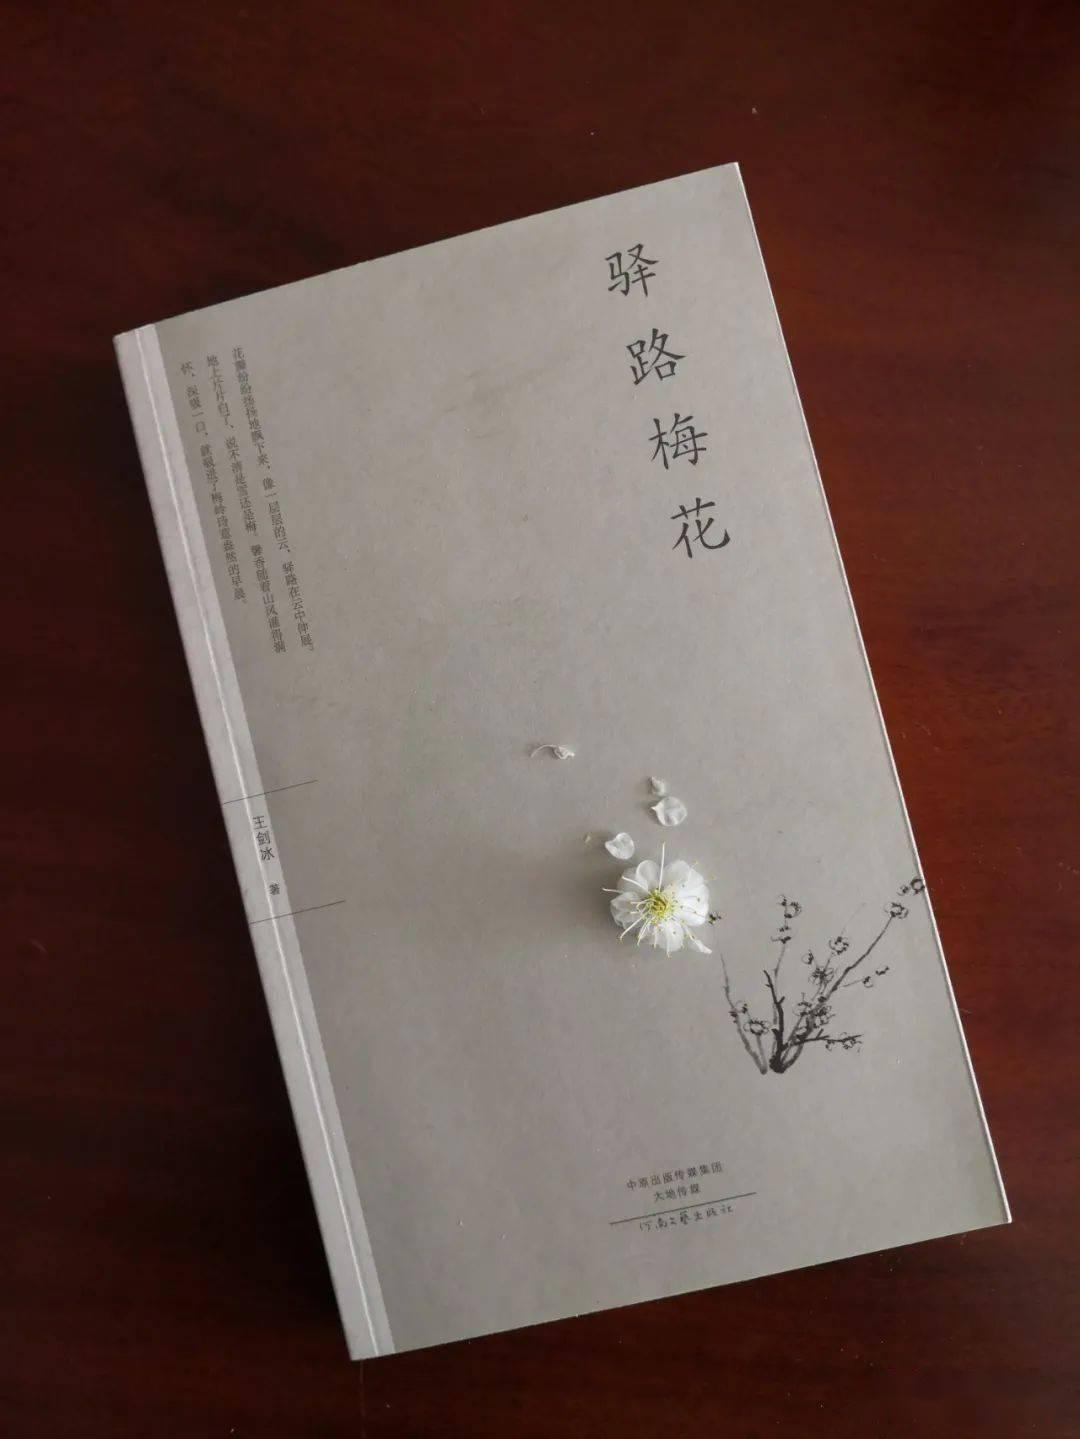 樱花动漫:读王剑冰先生的《驿路梅花》 网络快讯 第1张